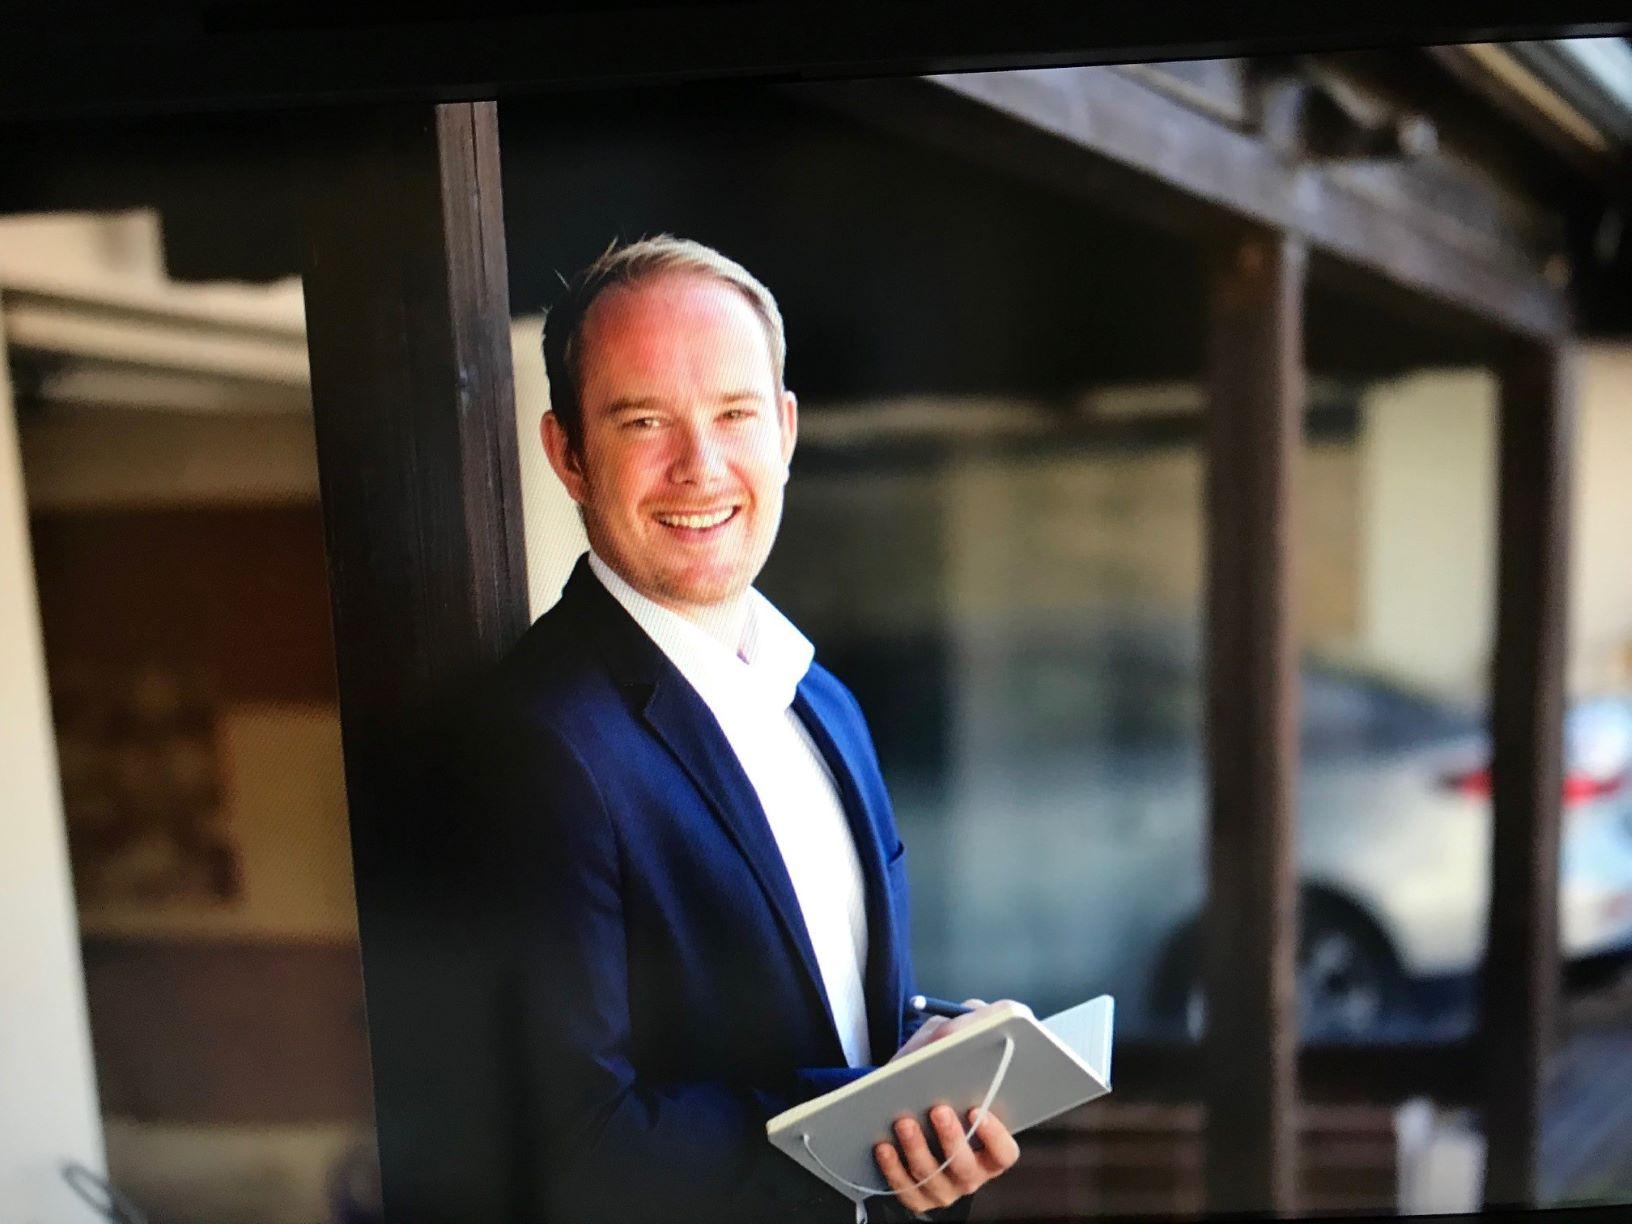 Erfolgreiches Franchiseunternehmen global office bietet erstklassiges Geschäftskonzept für Franchisepartner